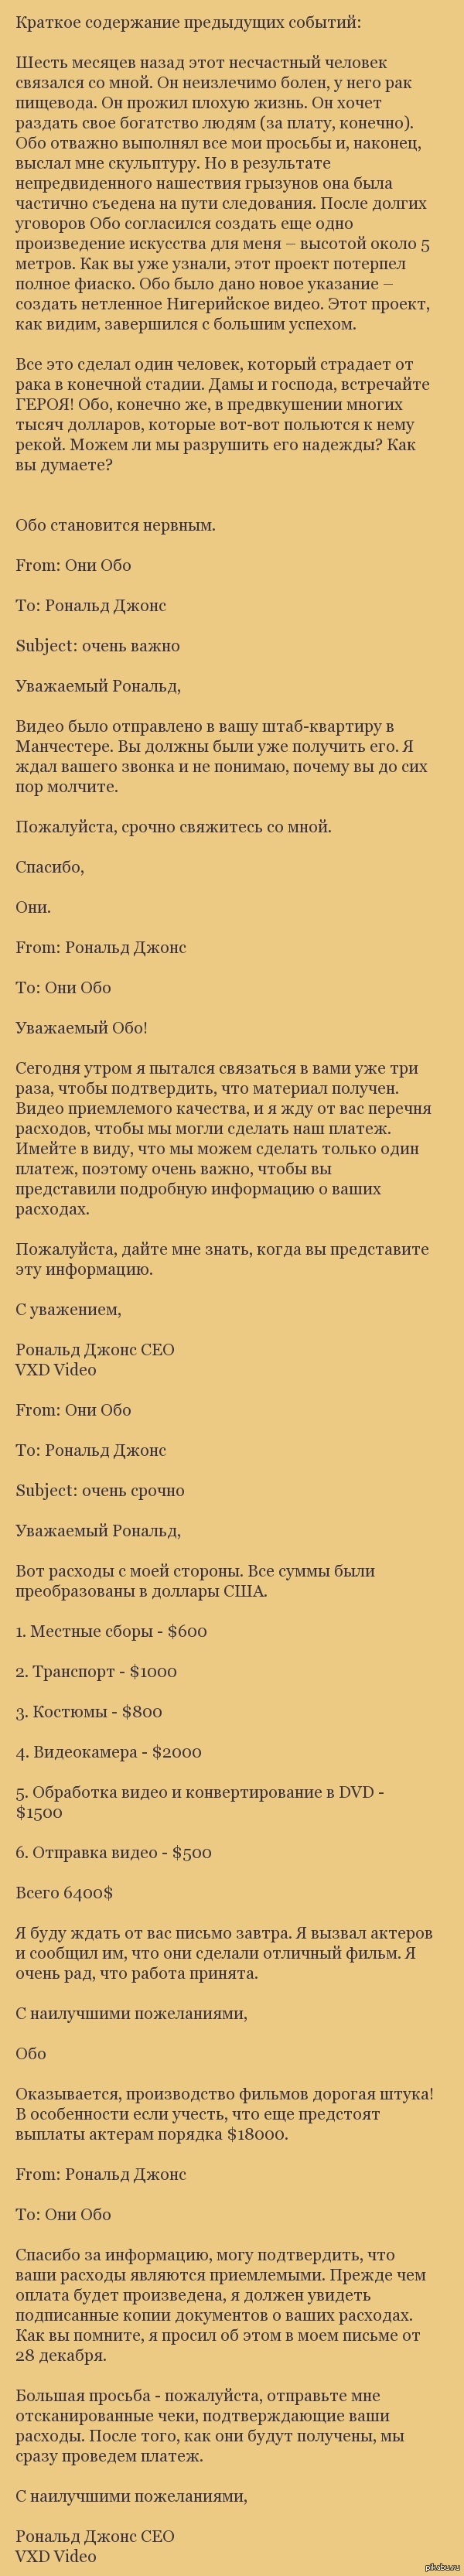 """Переписка с нигерийским миллионером или Что будет, если ответить на спам (часть вторая) Первая часть: <a href=""""http://pikabu.ru/story/perepiska_s_nigeriyskim_millionerom_ili_chto_budet_esli_otvetit_na_spam_chast_pervaya_2477449"""">http://pikabu.ru/story/_2477449</a>"""